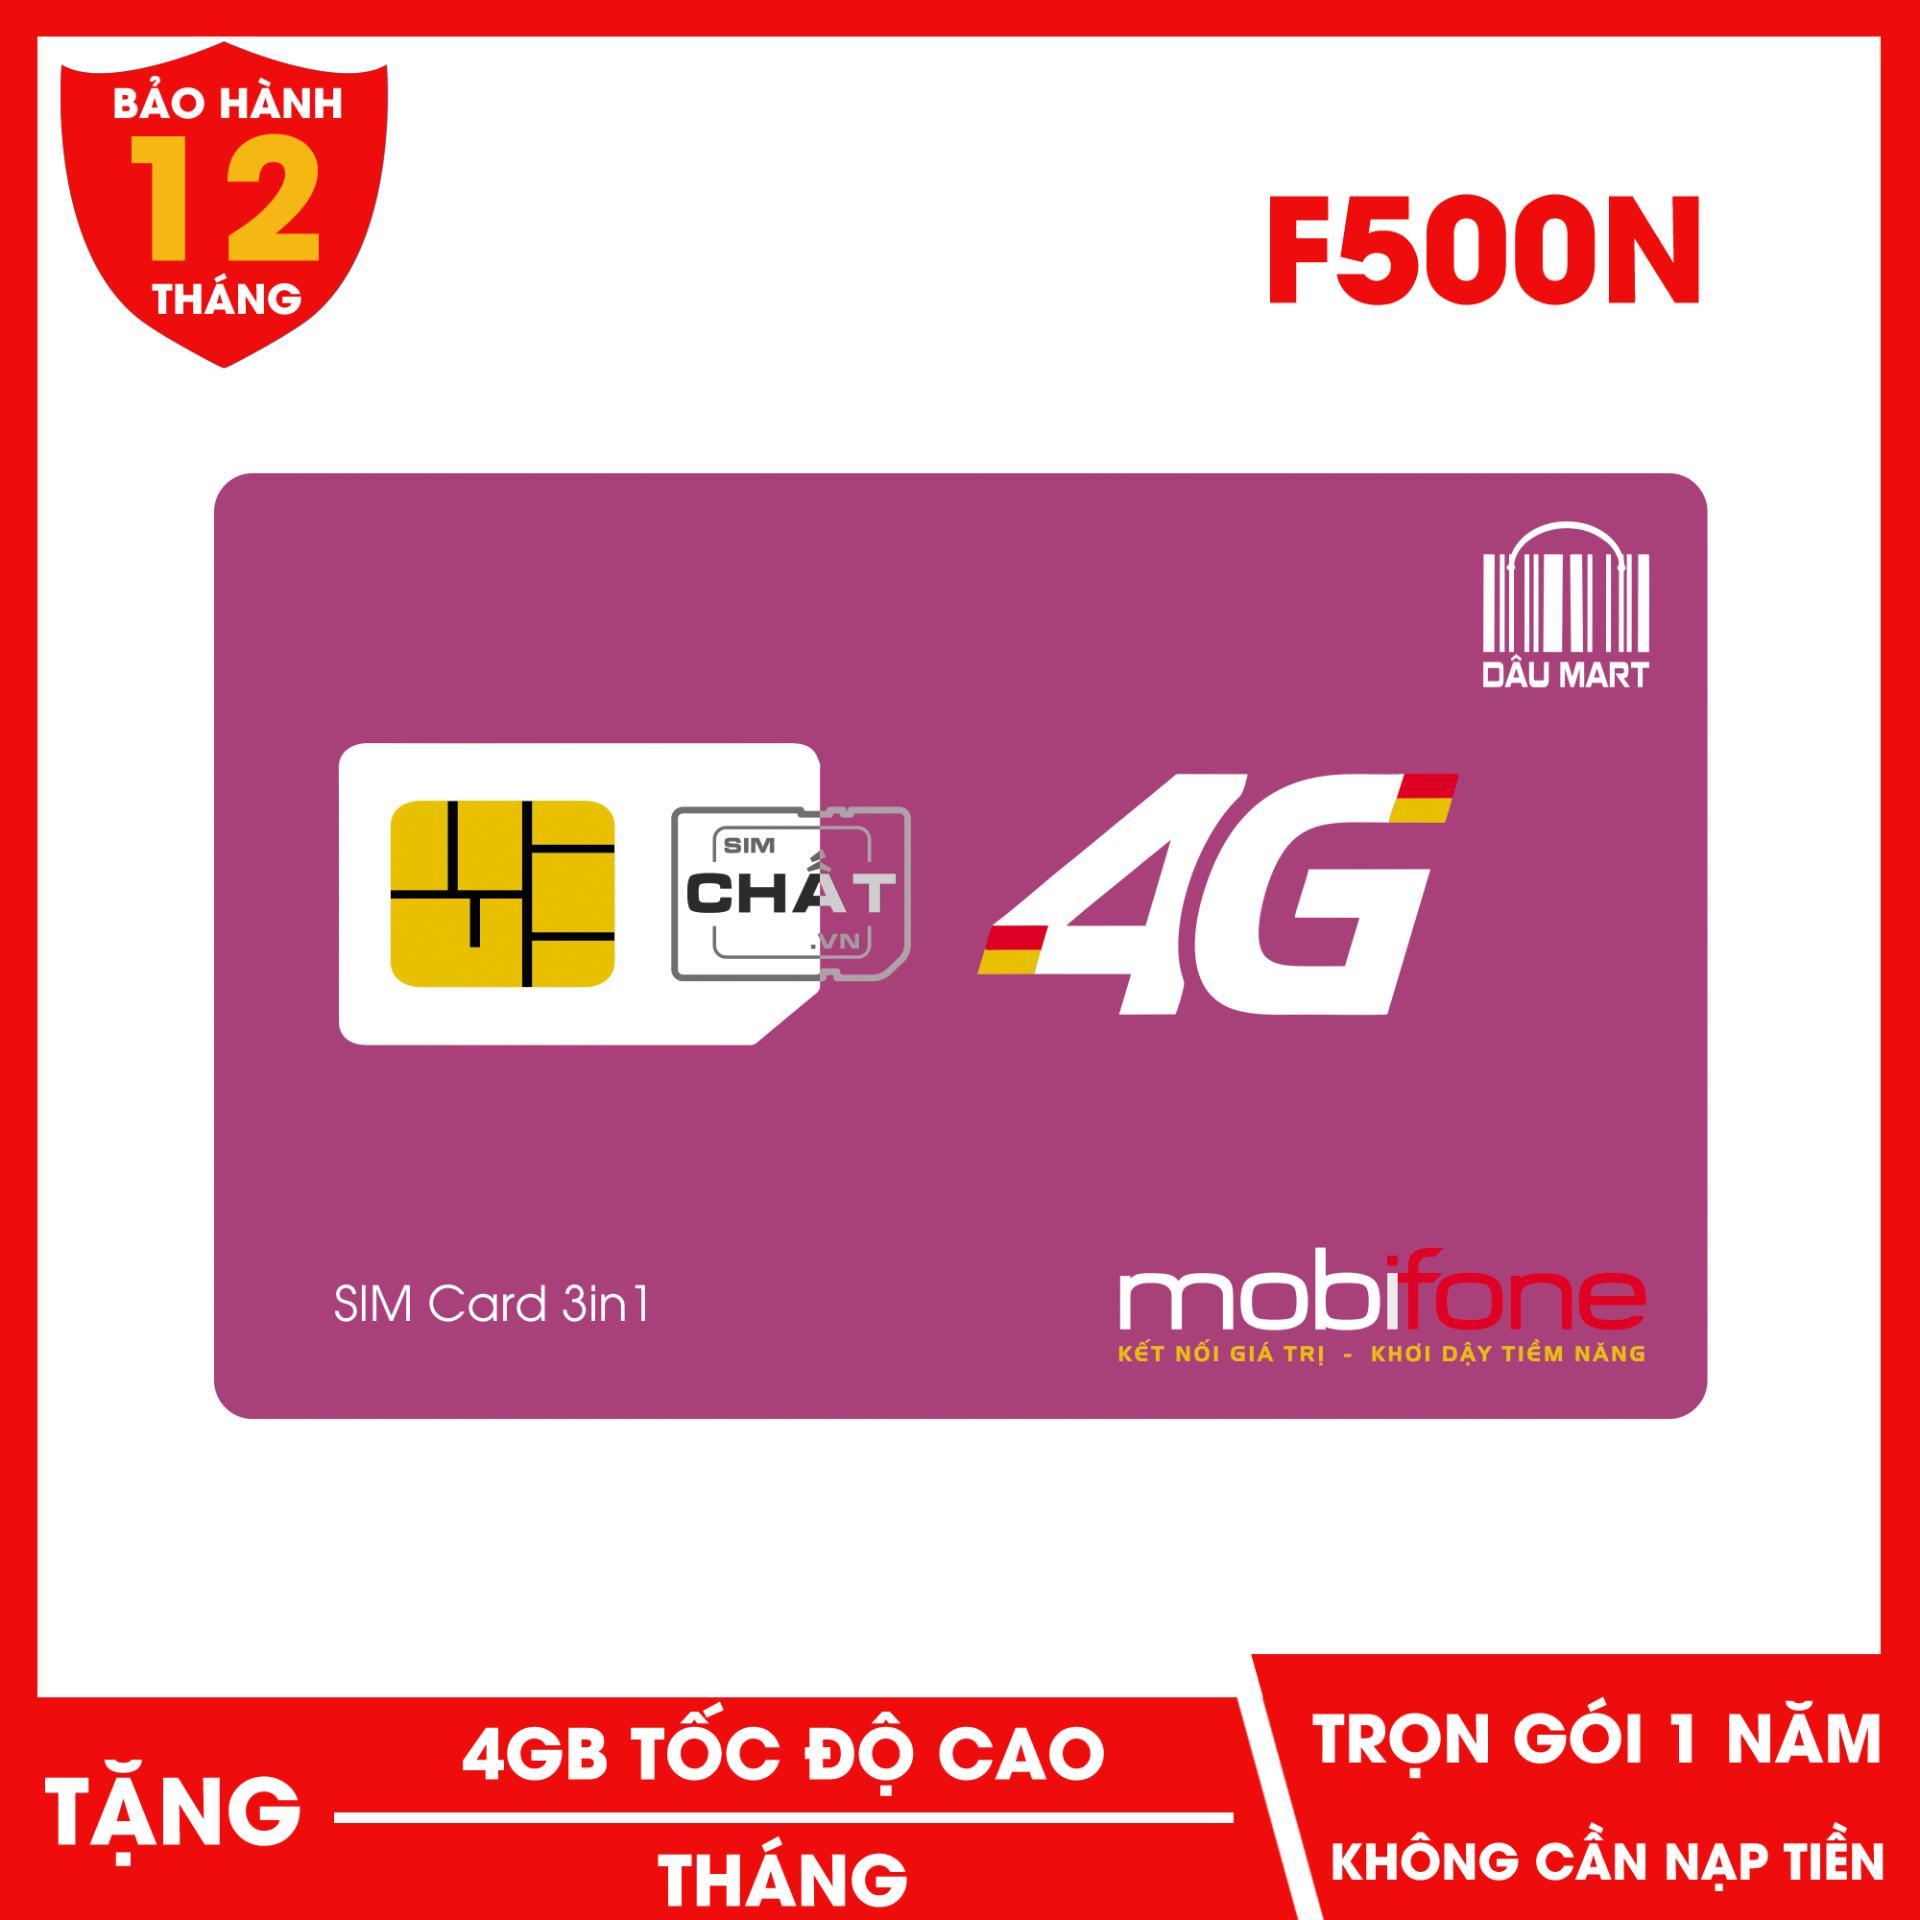 Giá SIM 4G F500N Dùng DATA Trọn Gói 1 Năm Với 4GB/Tháng của Mobifone